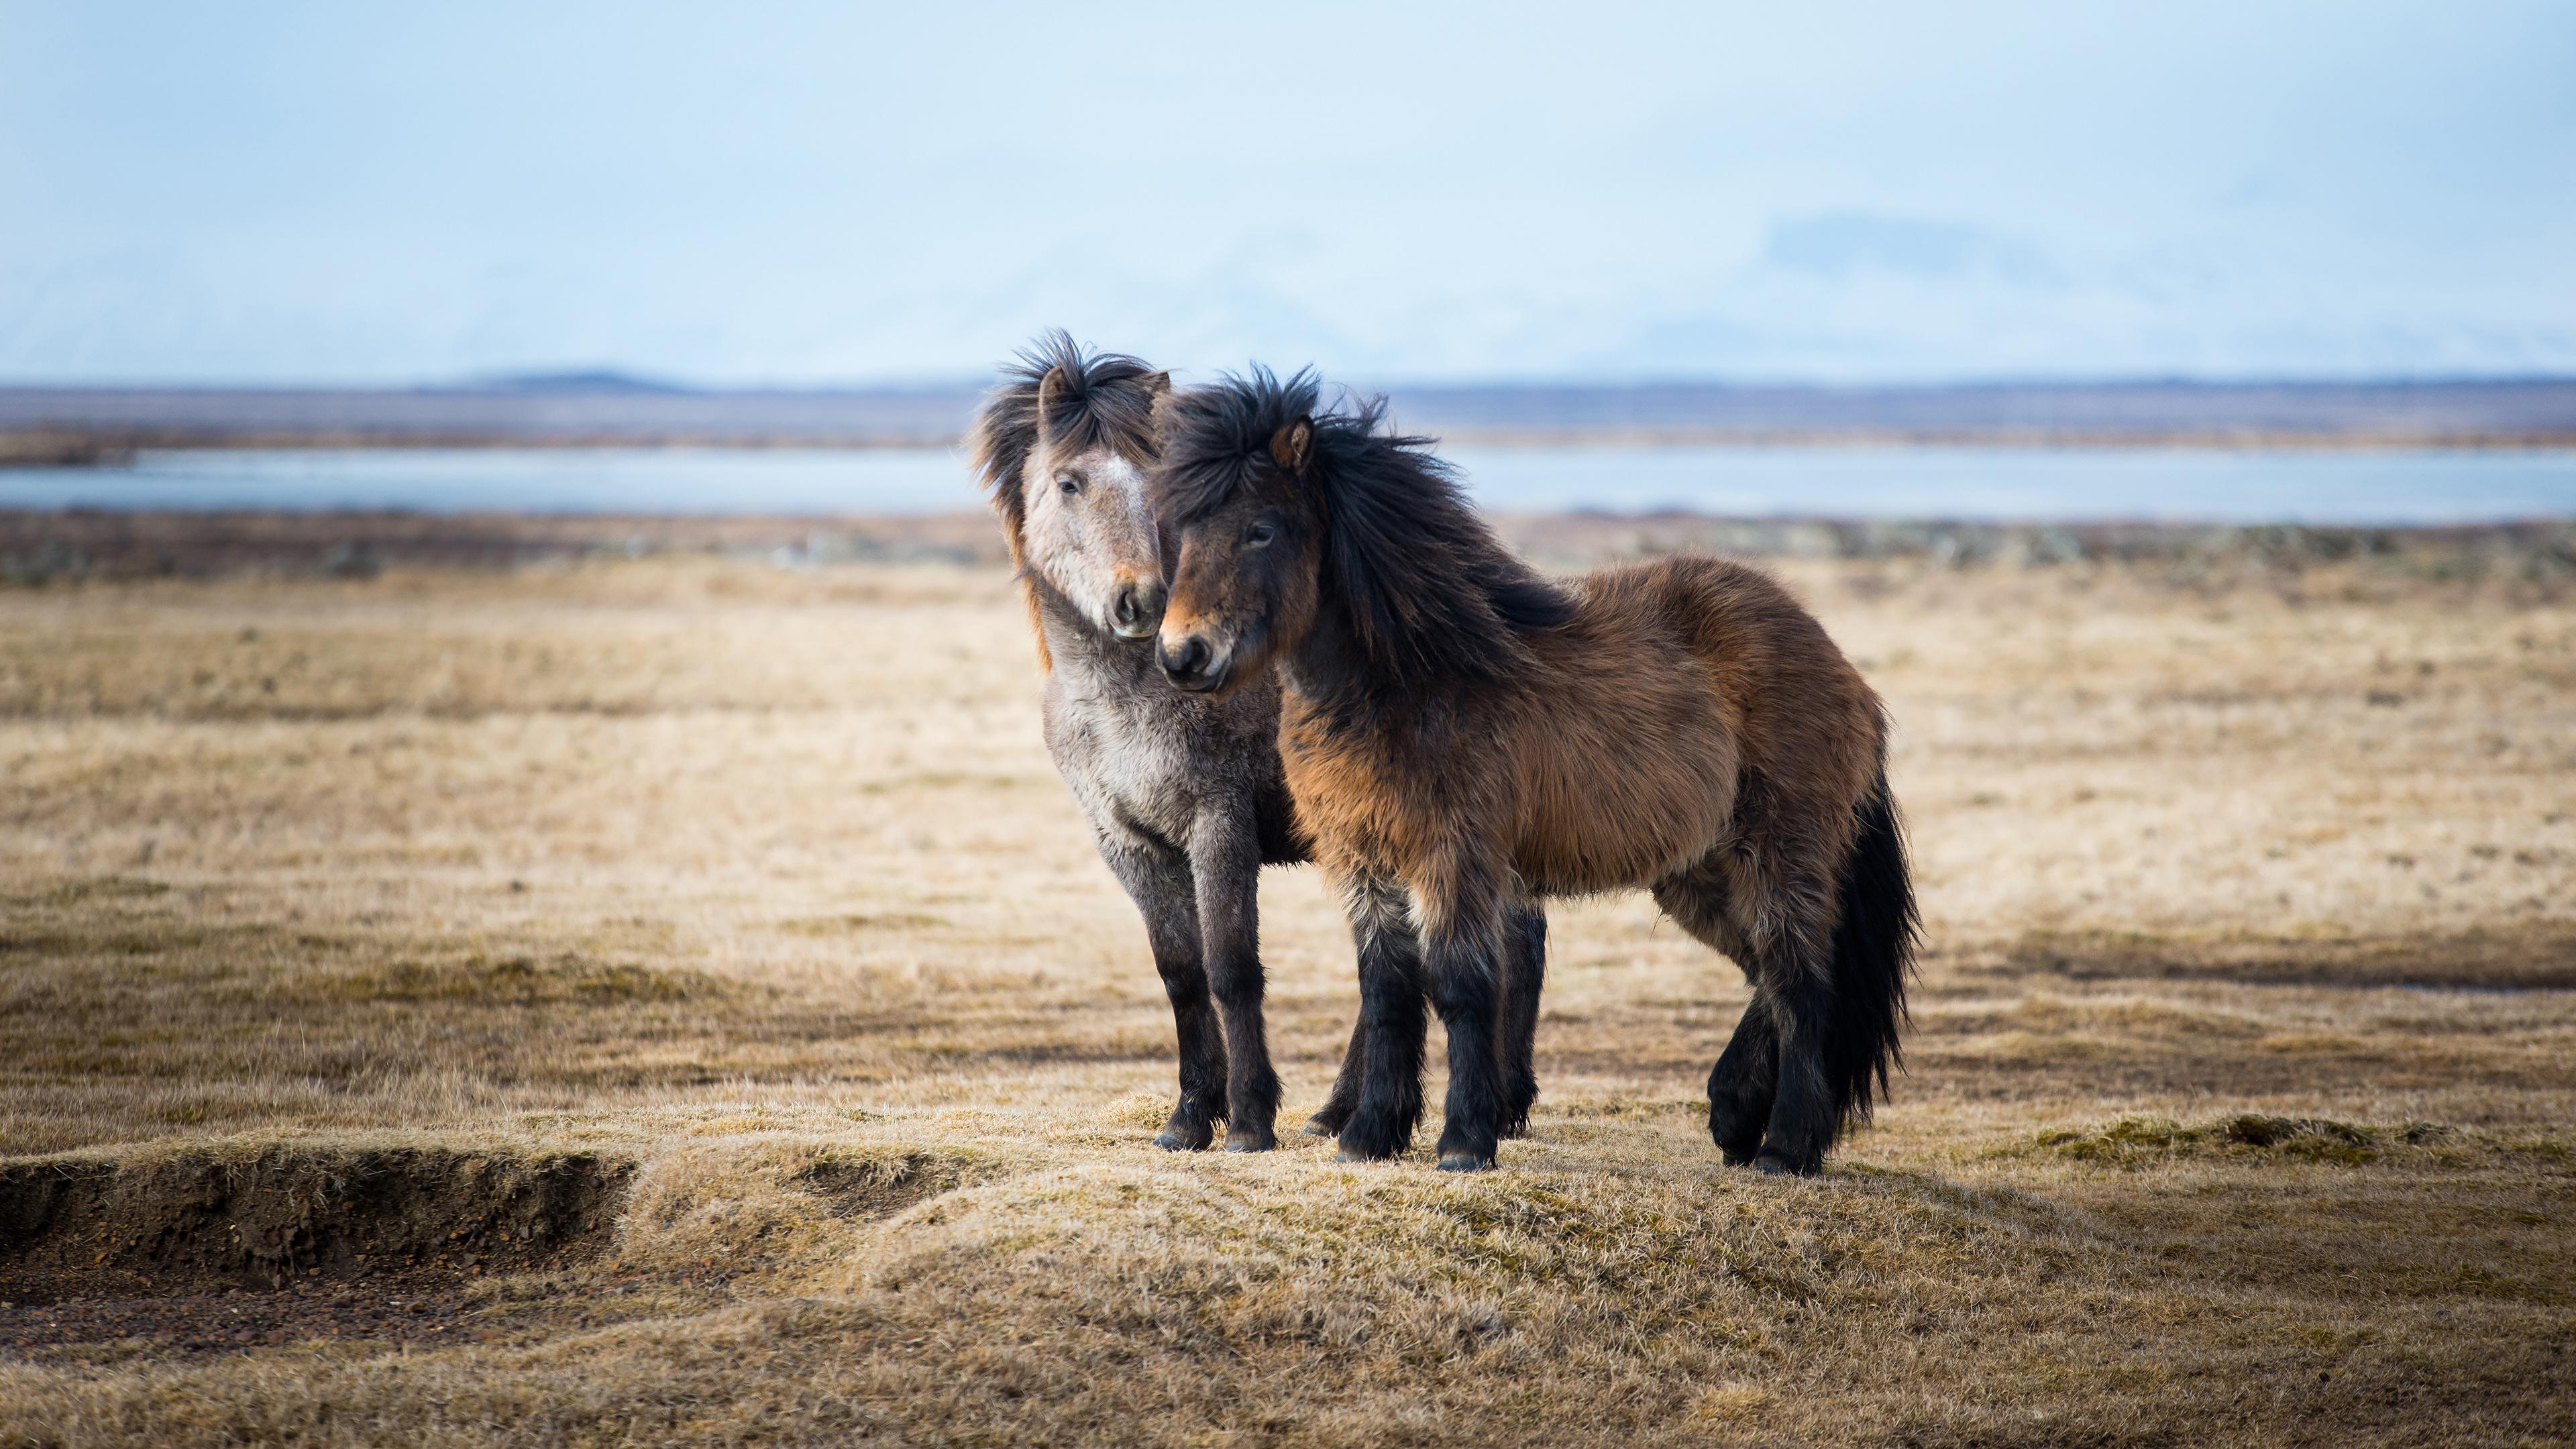 Пони степь без смс